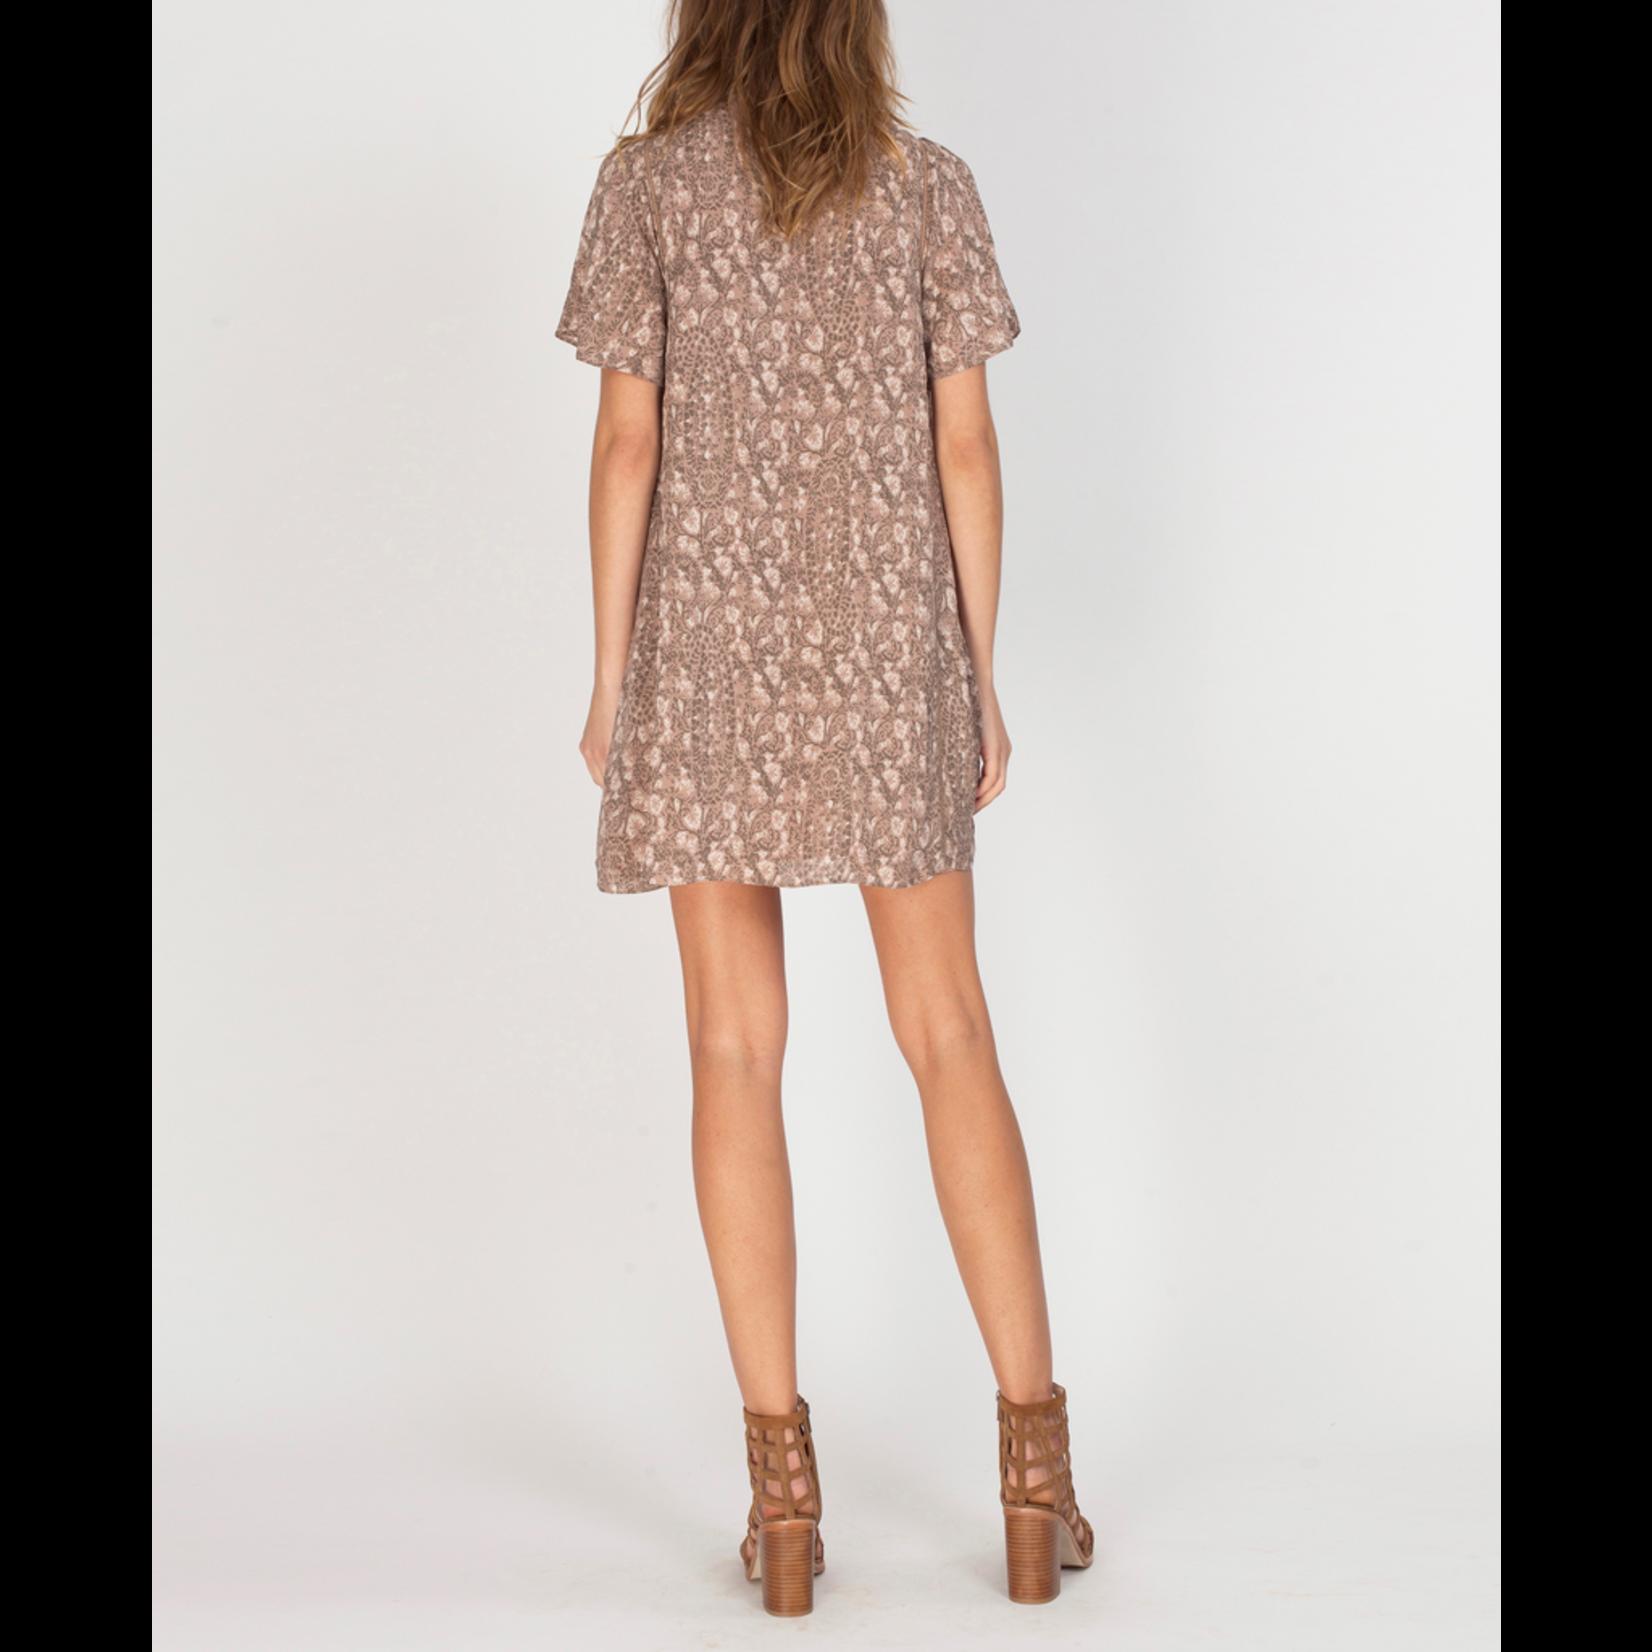 Gentle Fawn Lenore Dress, sale item, Was $112